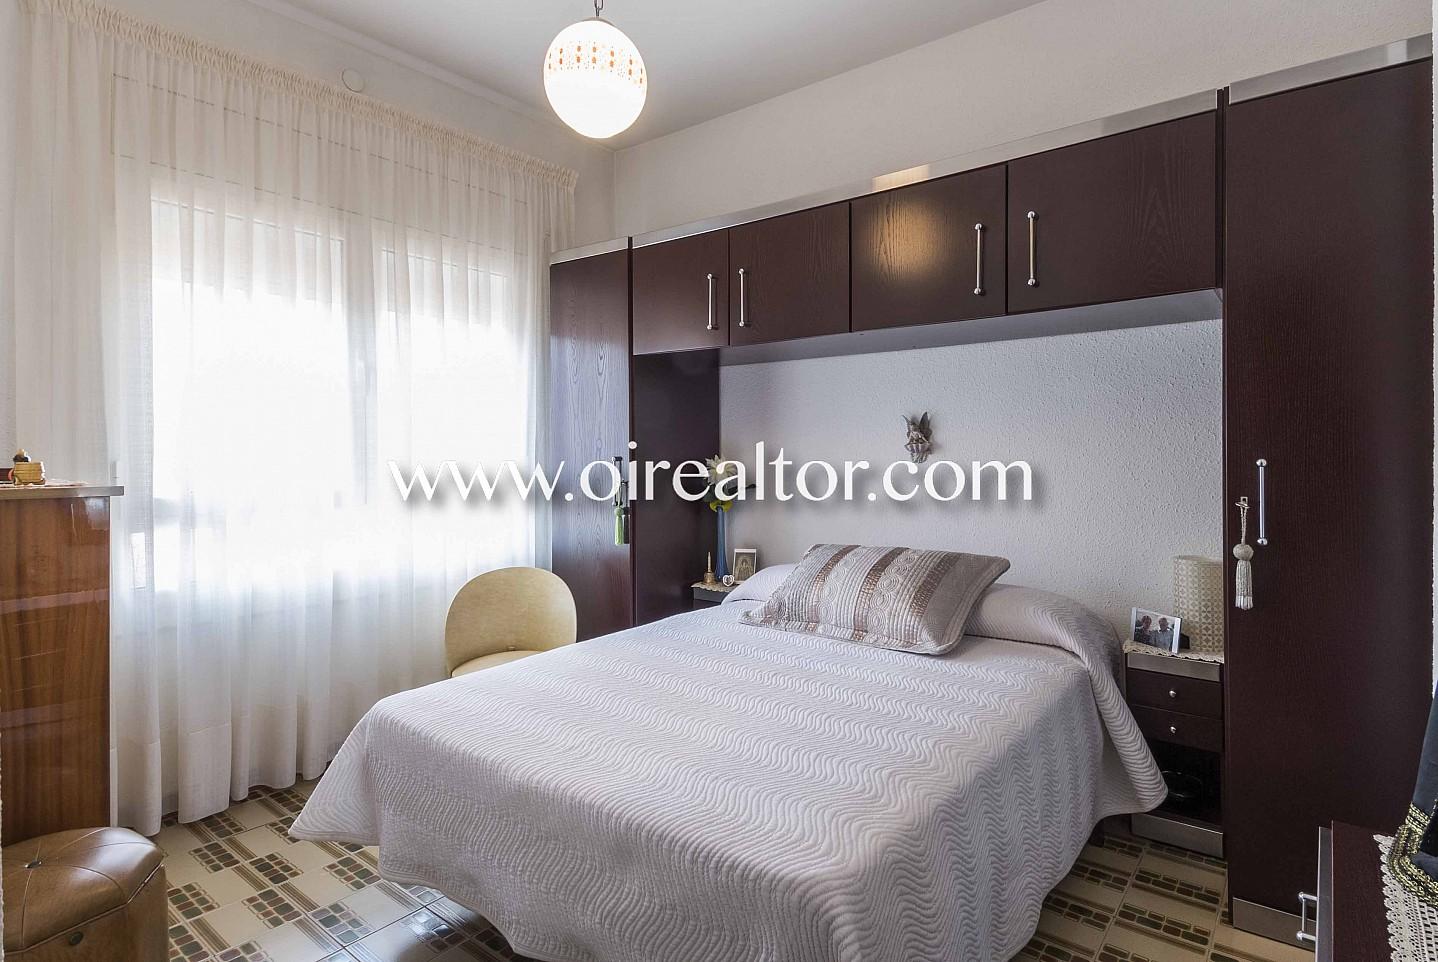 dormitorio doble, habitación doble, habitación, dormitorio, dormitorio con ventana, cama, cama doble